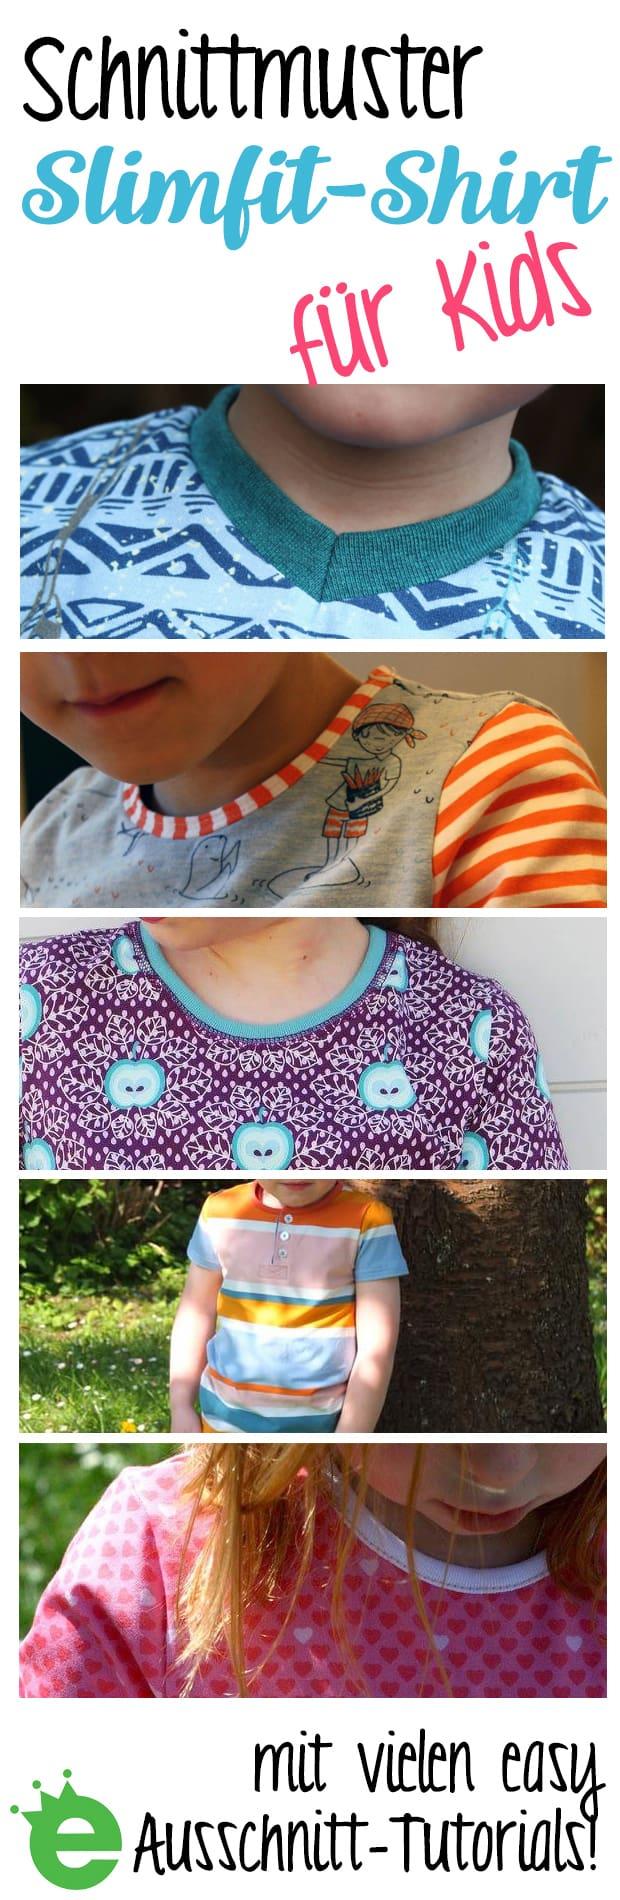 Slimfit-Shirt Schnitt für Kinder zum Selbernähen mit vielen Ausschnitt-Tutorials